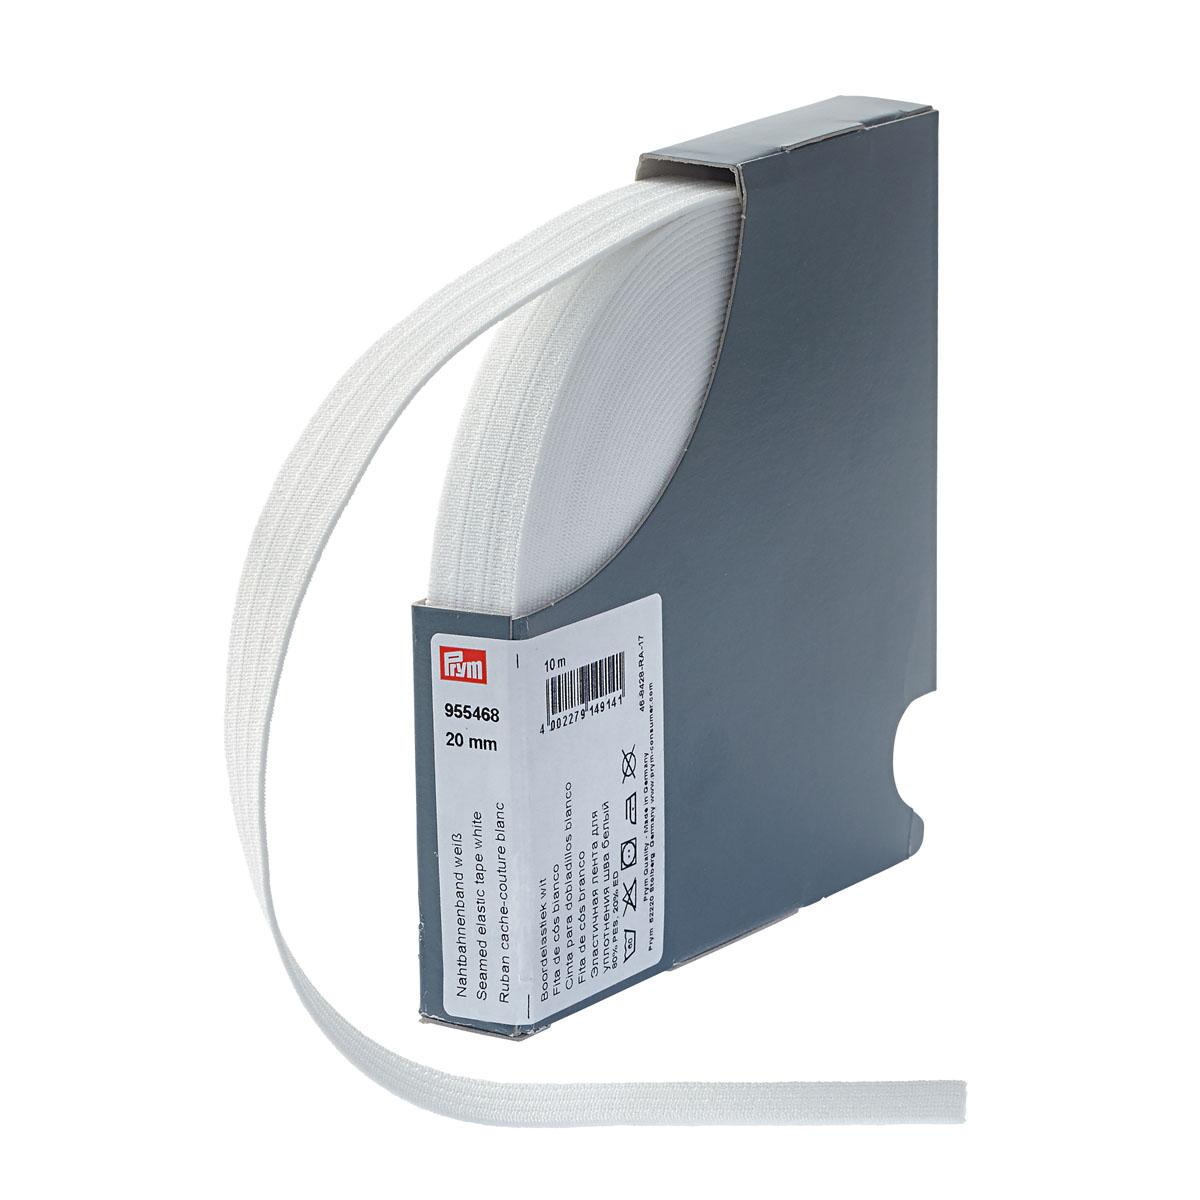 955468 Эластичная лента для уплотнения шва 20 мм белый, натуральный цв. Prym